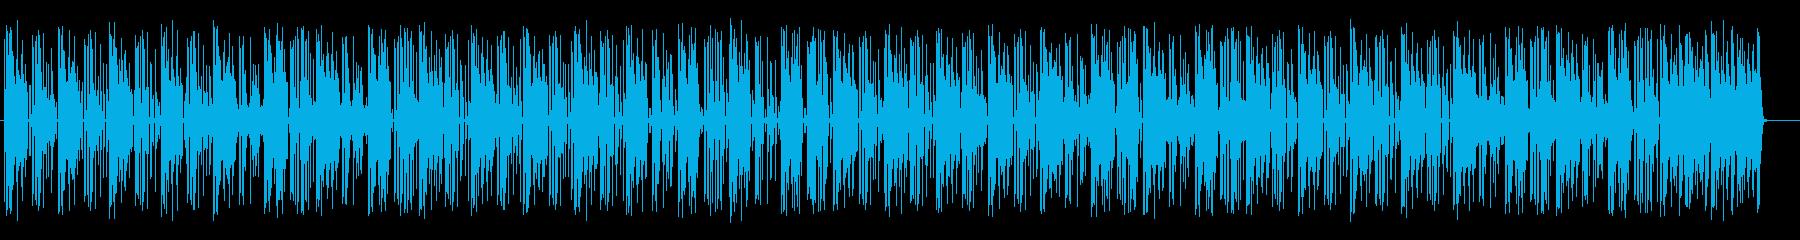 軽快でリズミカルなポップスの再生済みの波形